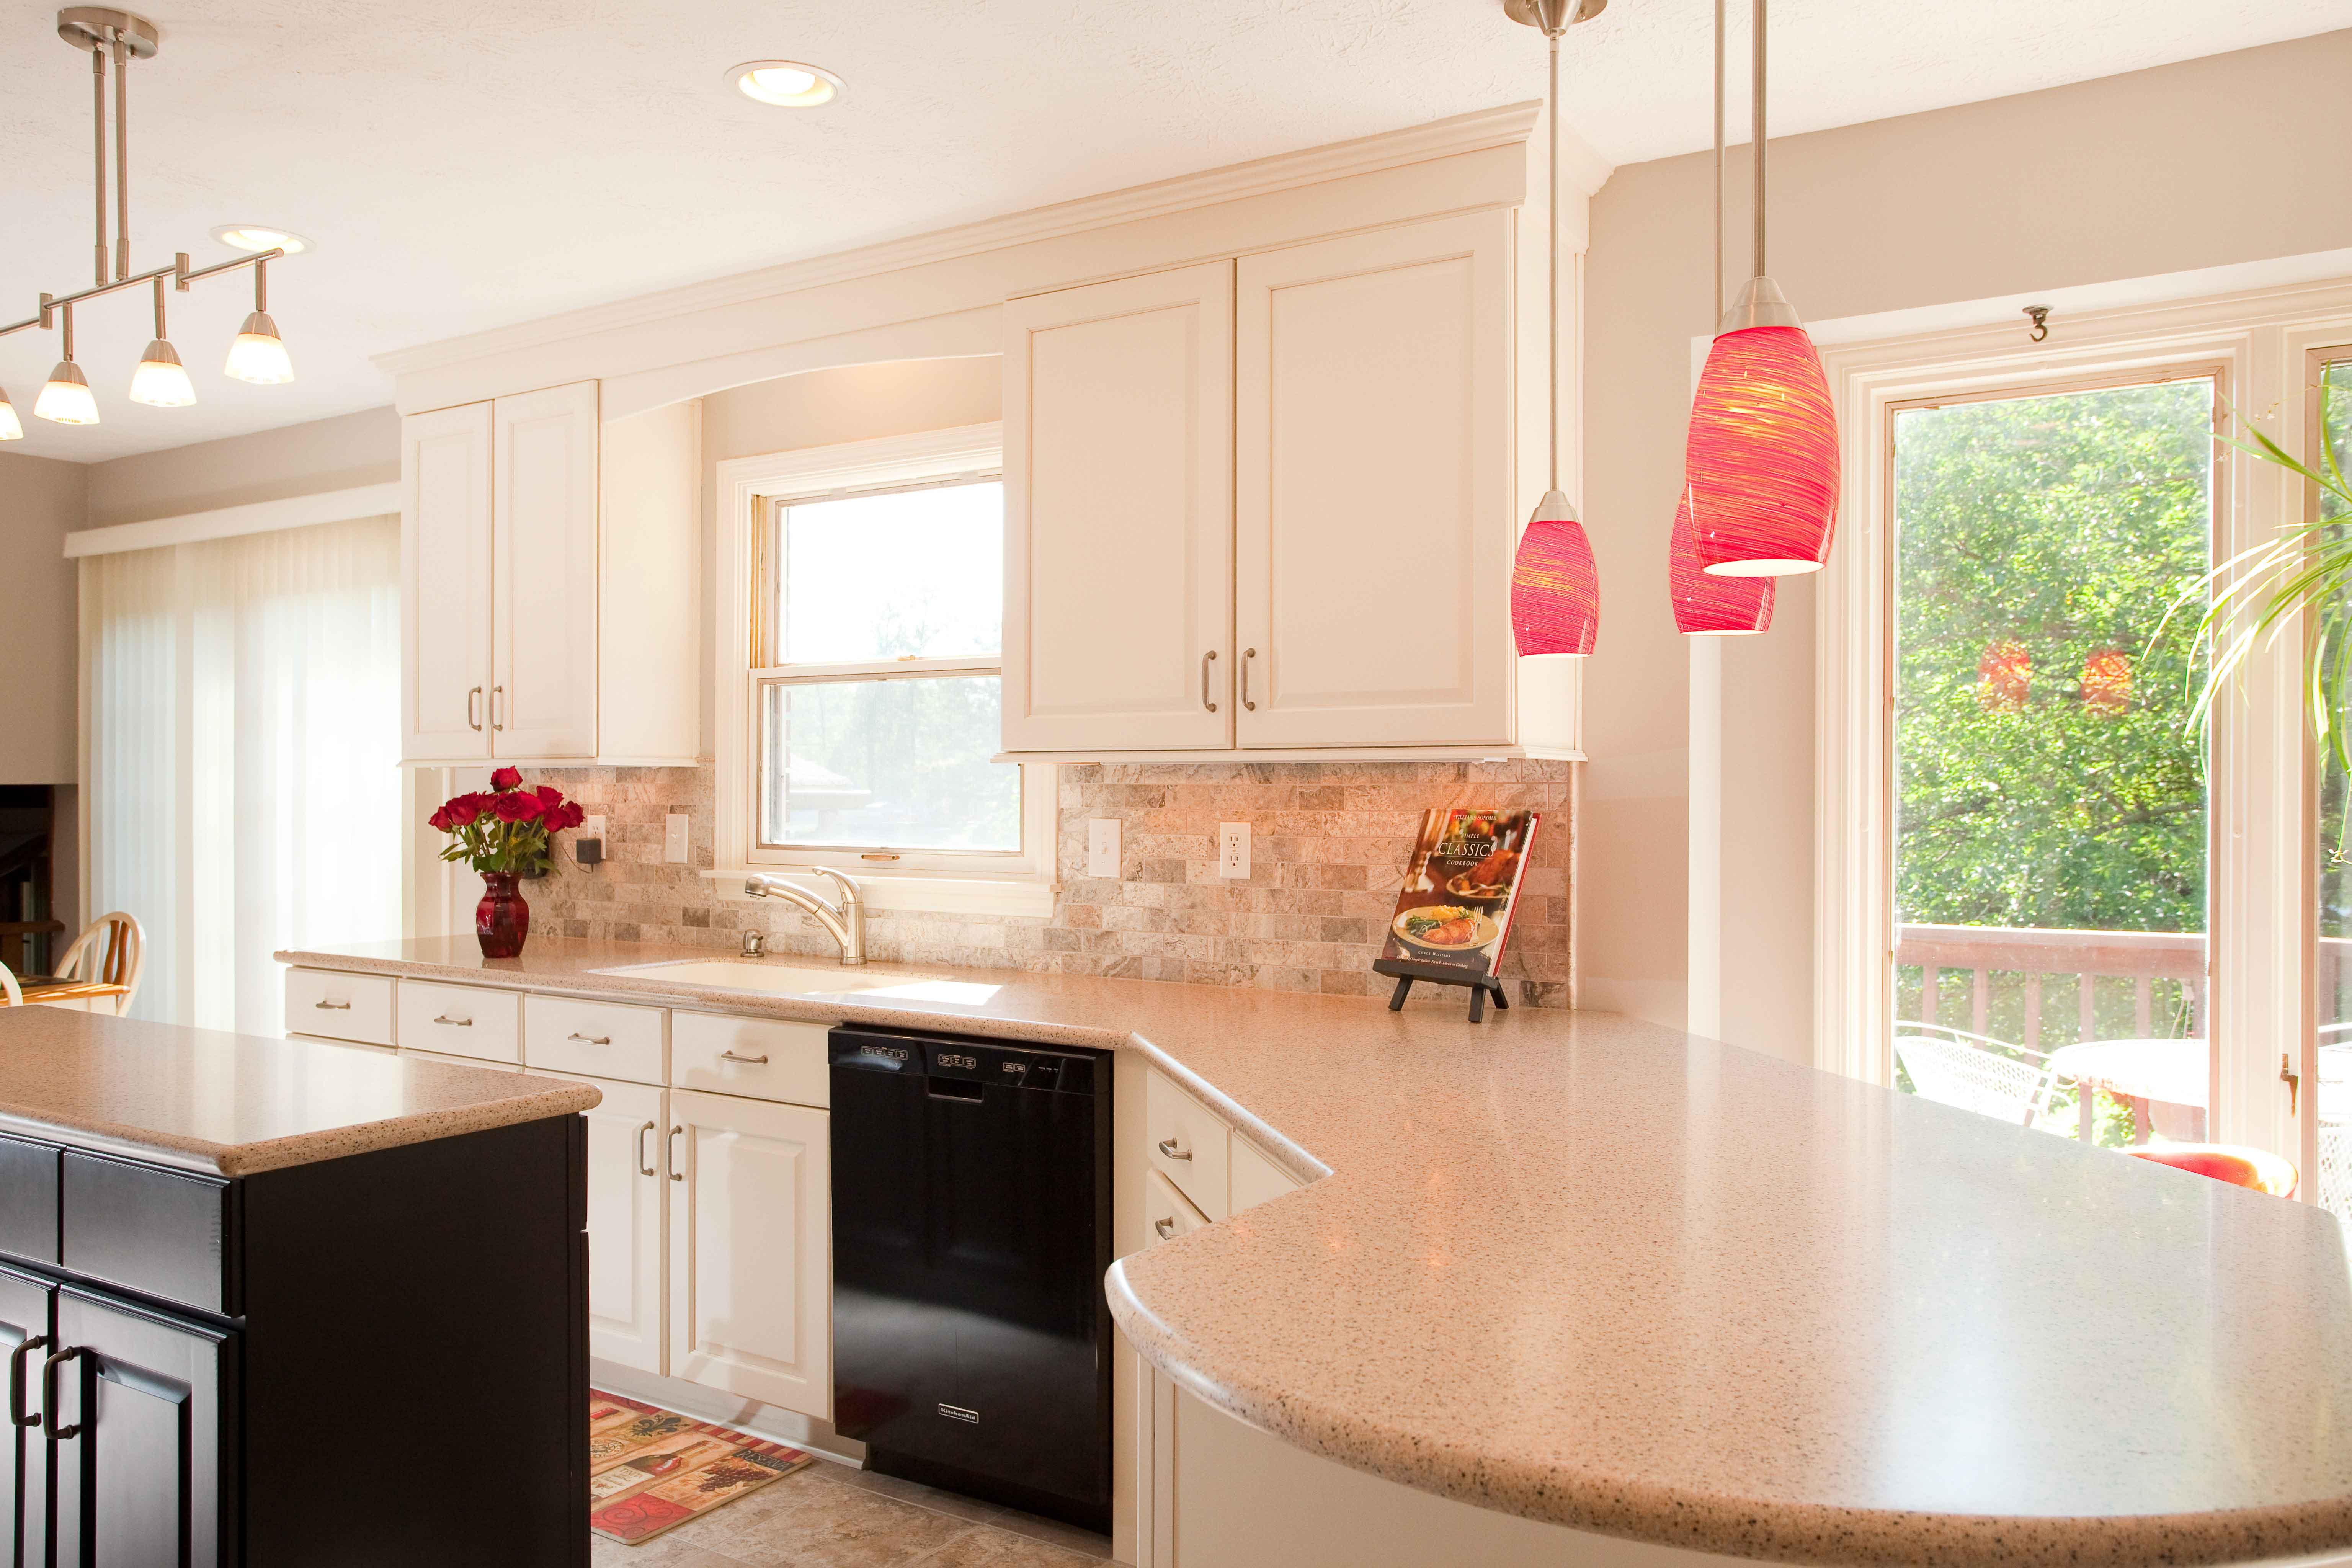 Thiết kế bếp gam màu hồng mê hoặc chị em phụ nữ từ cái nhìn đầu tiên - 1